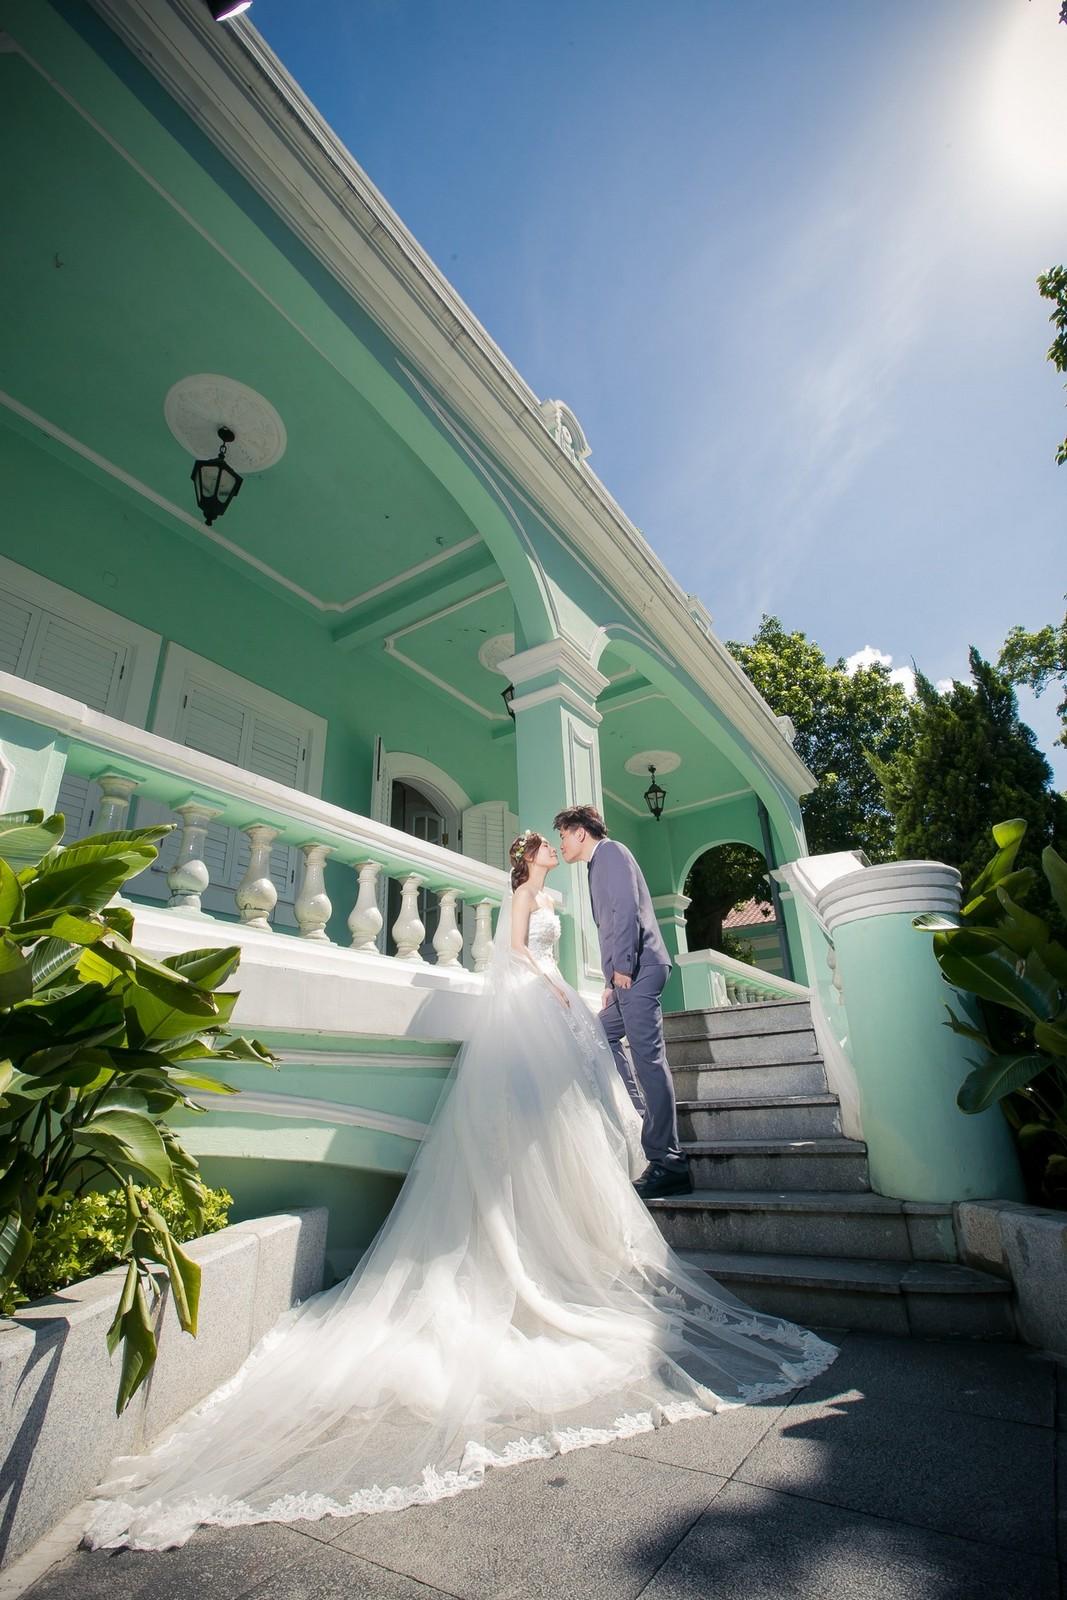 婚紗攝影,澳門婚紗,海外婚紗,澳門拍婚紗